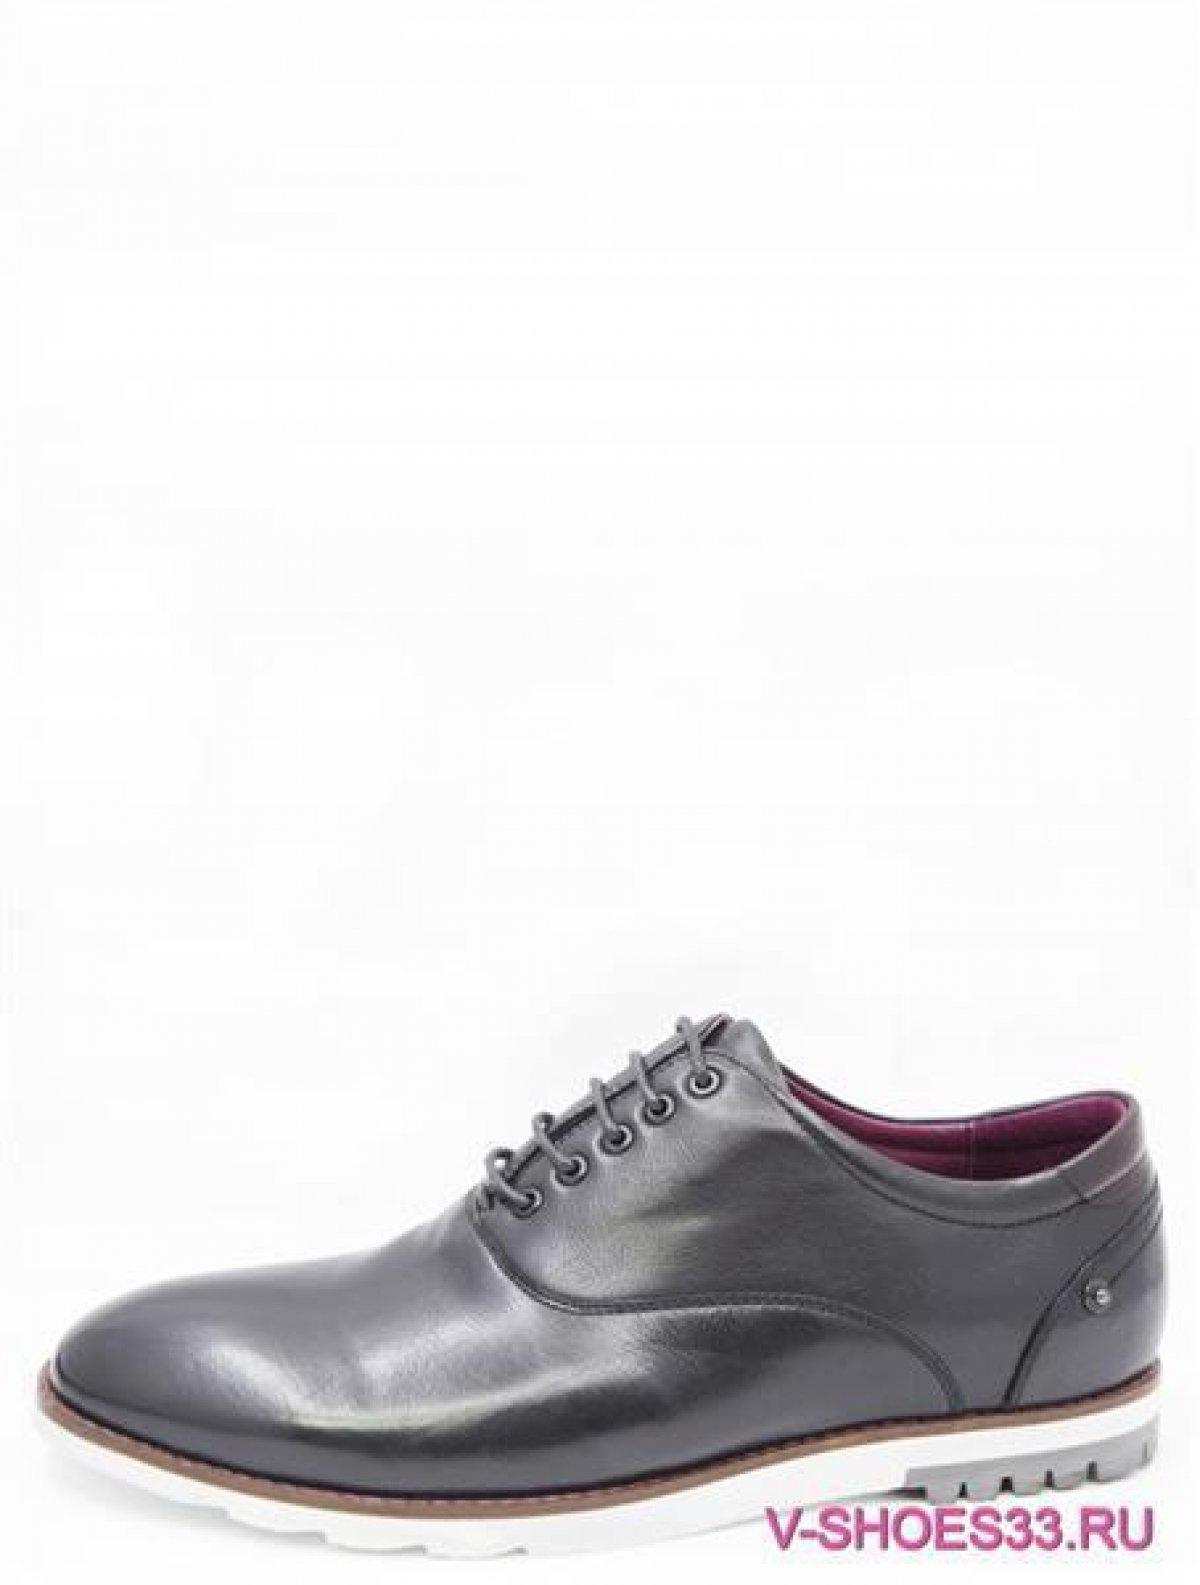 V83-086514 мужские туфли